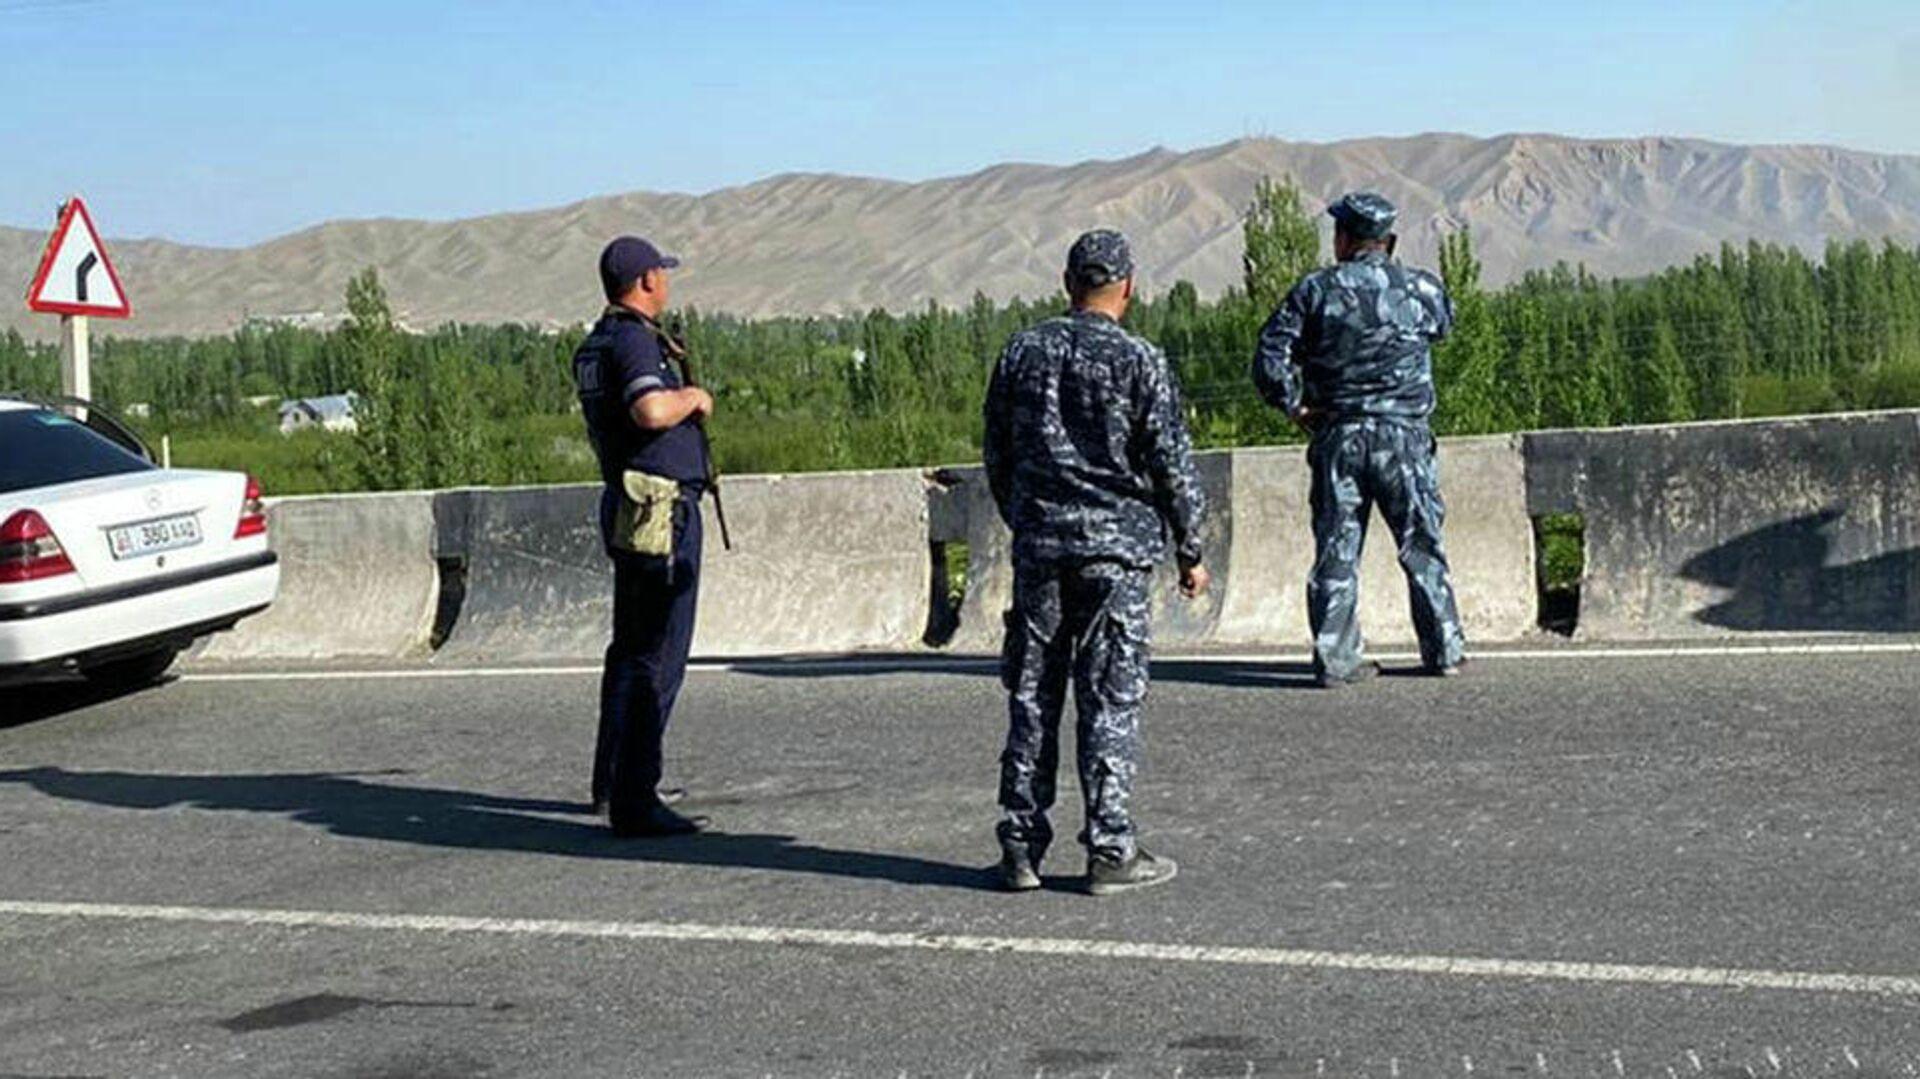 Сотрудники МВД Кыргызстана в приграничной зоне - РИА Новости, 1920, 03.05.2021